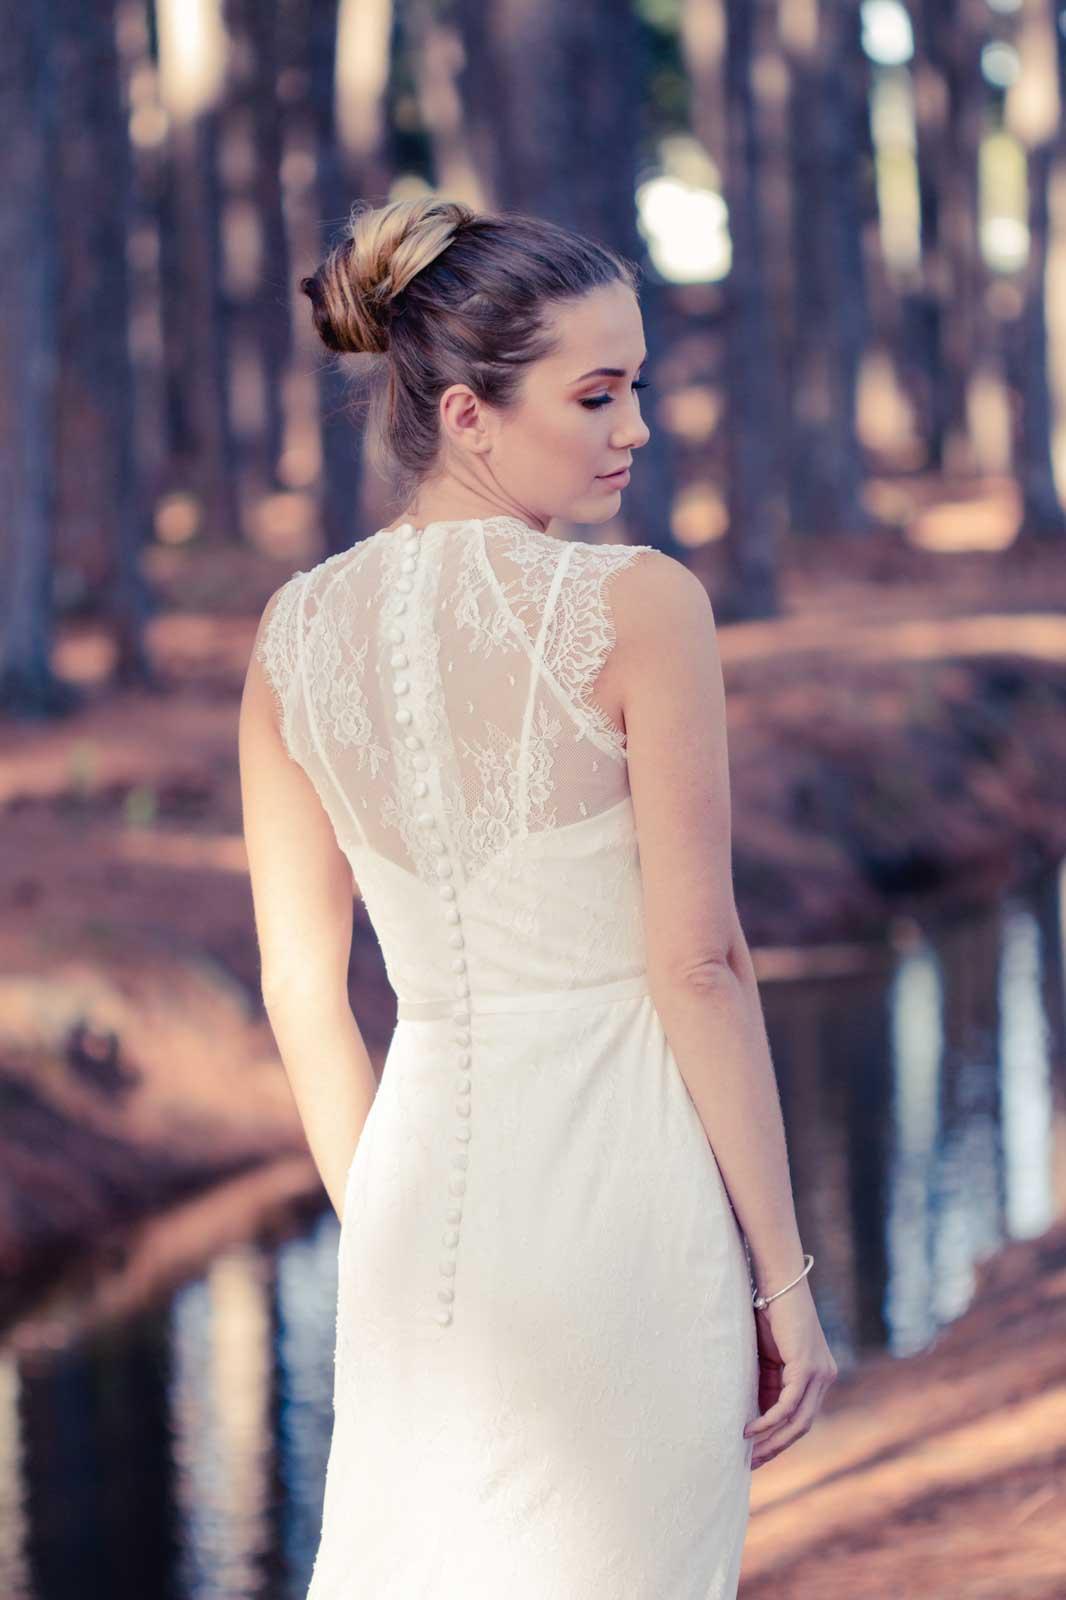 ᐅ Dein Brautkleid bei Fräulein T in Heinsberg - wir freuen uns auf ...